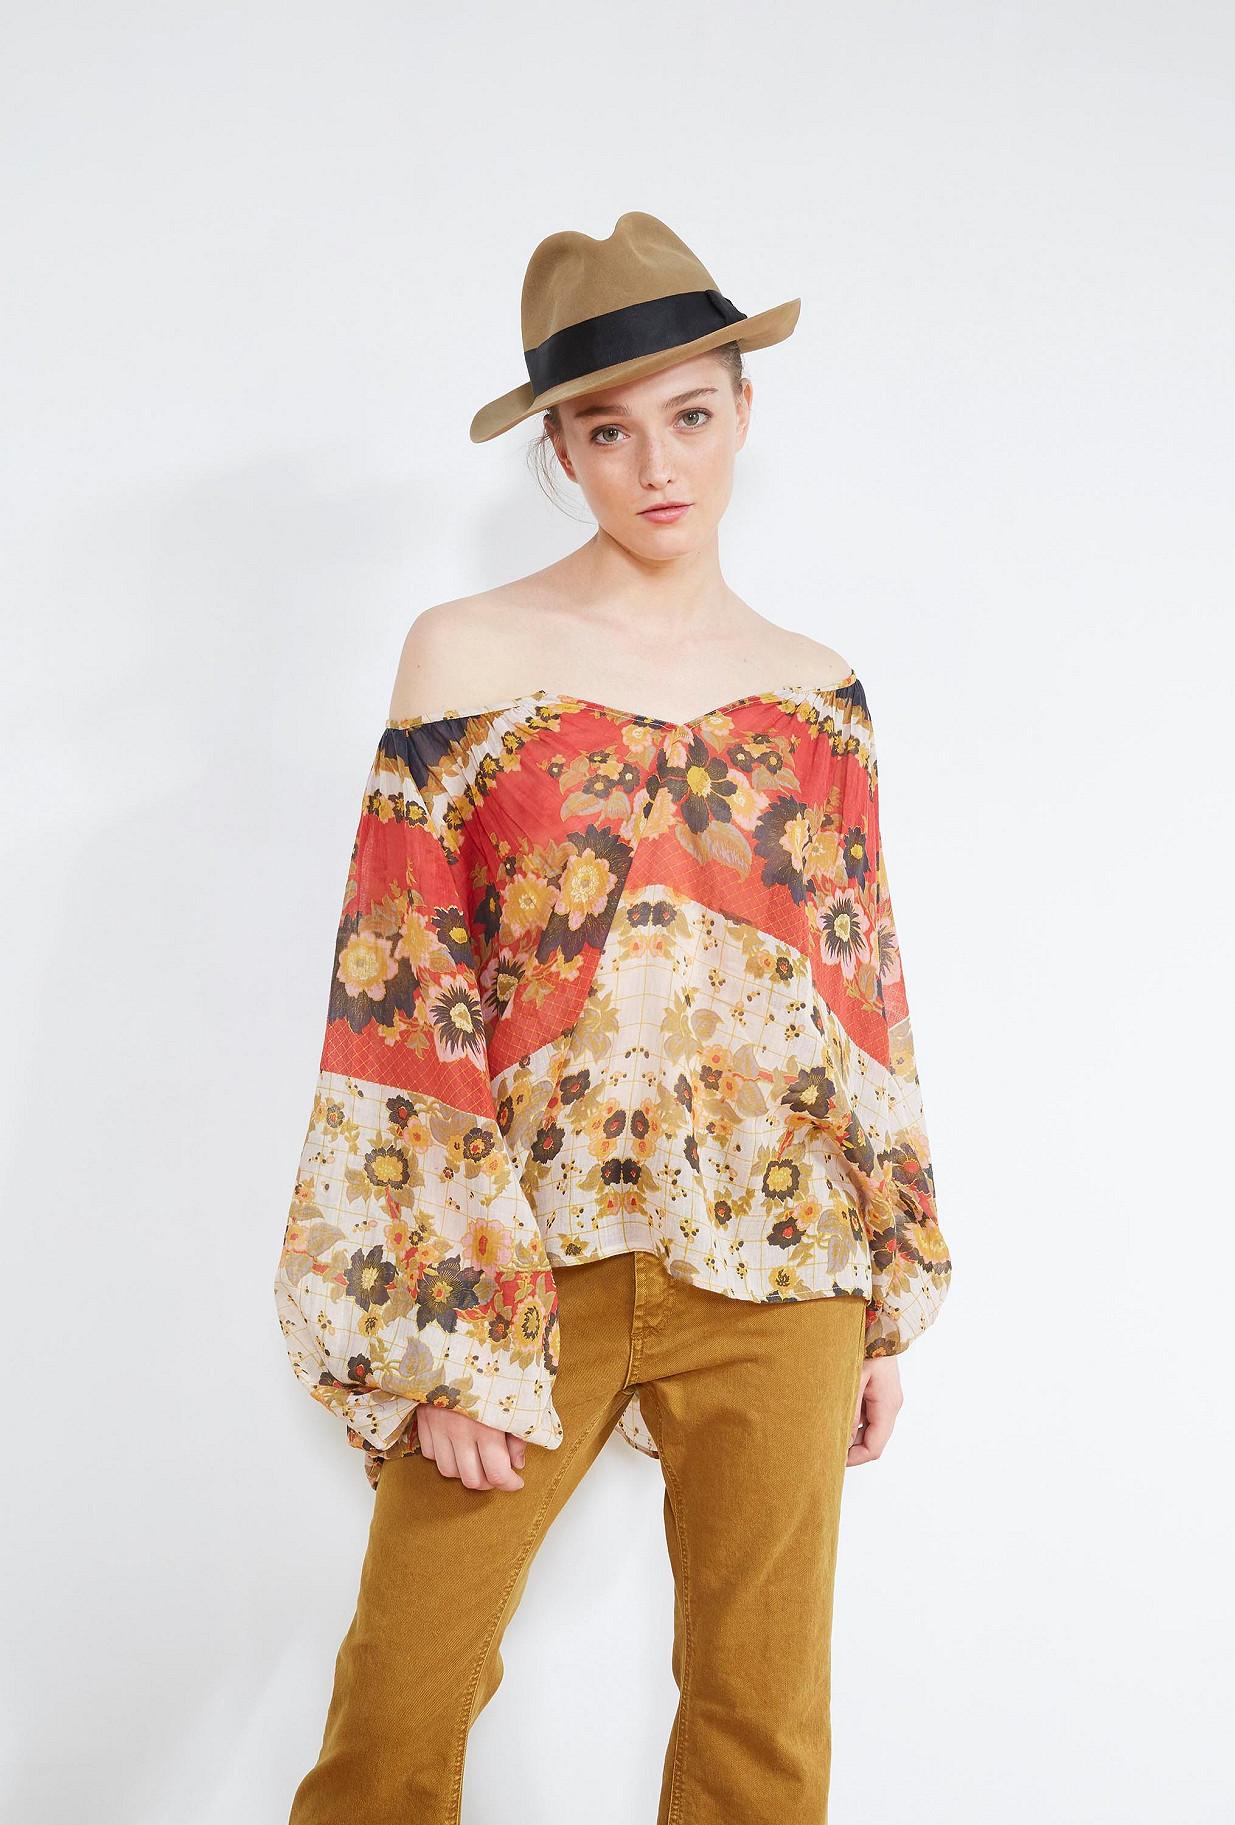 Floral print  BLOUSE  Marushka Mes demoiselles fashion clothes designer Paris